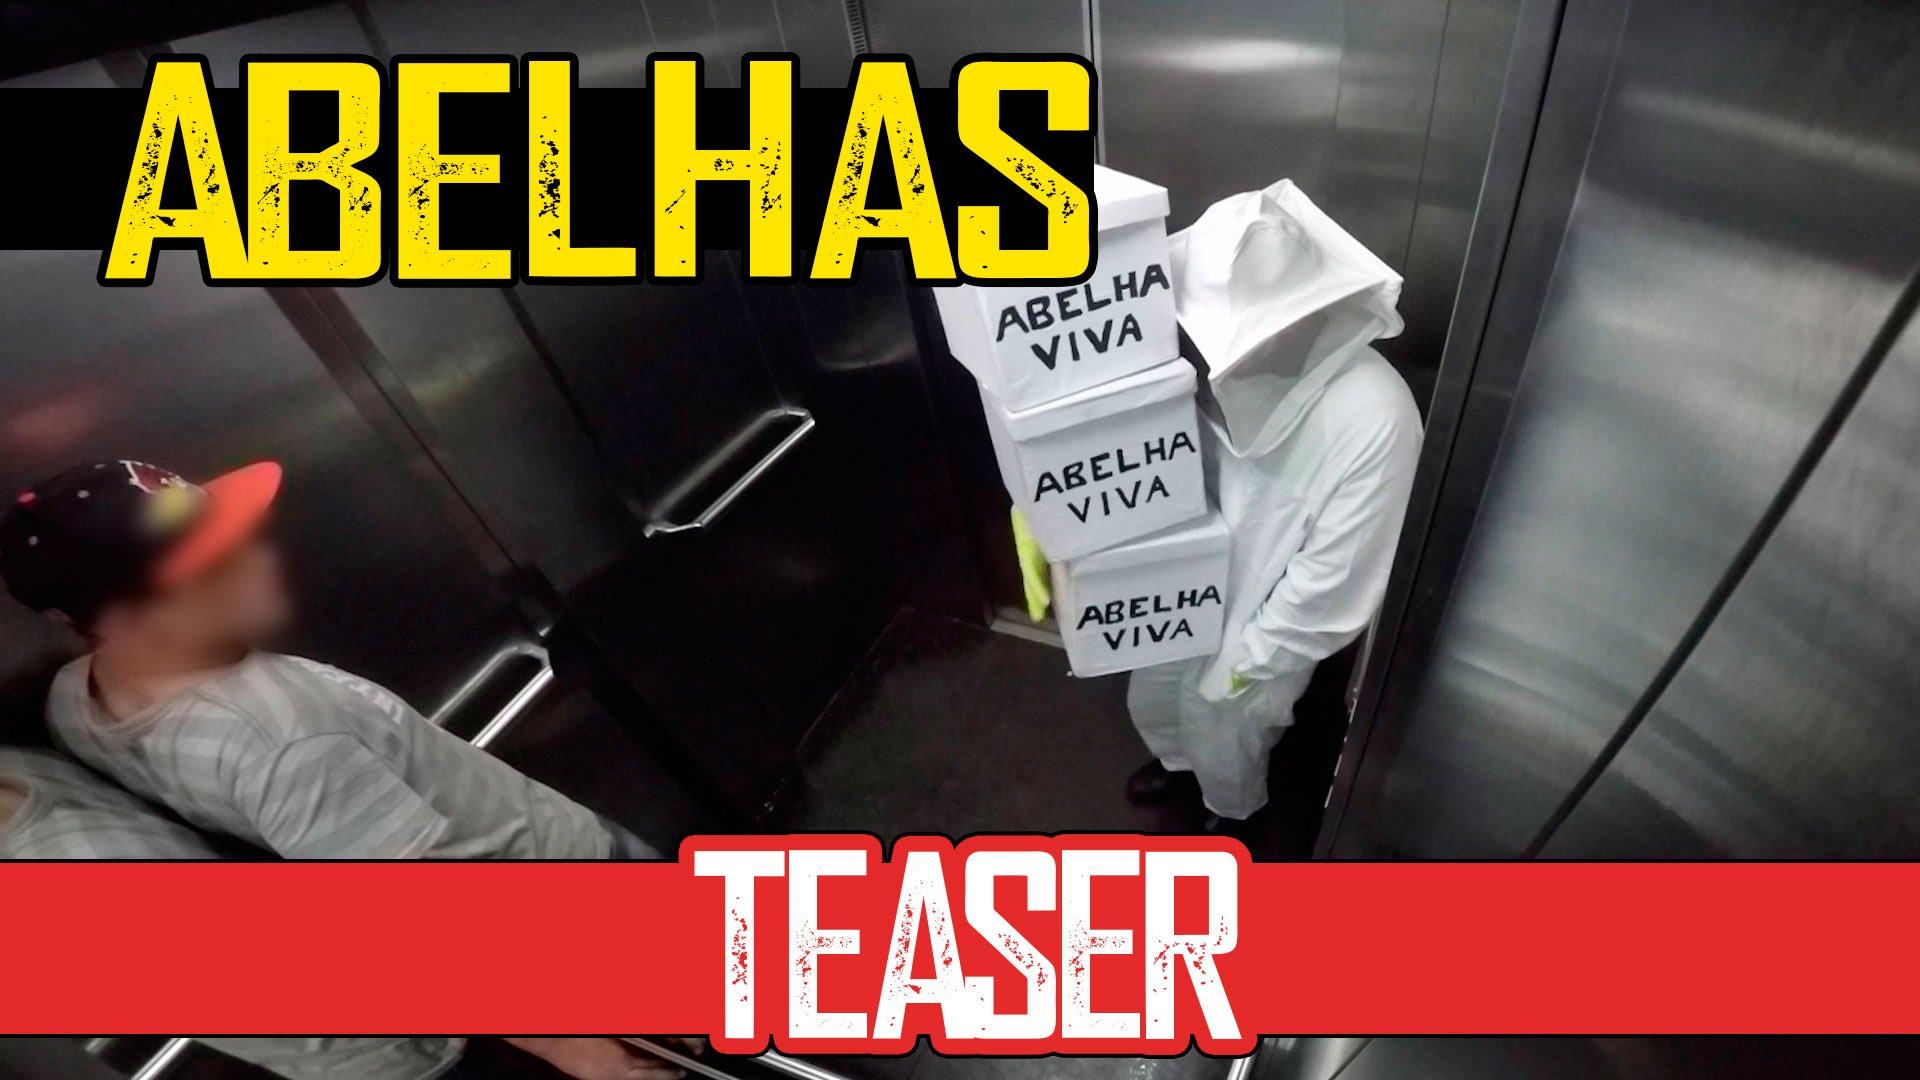 Пази се: кошер с пчели в асансьора (СКРИТА КАМЕРА)